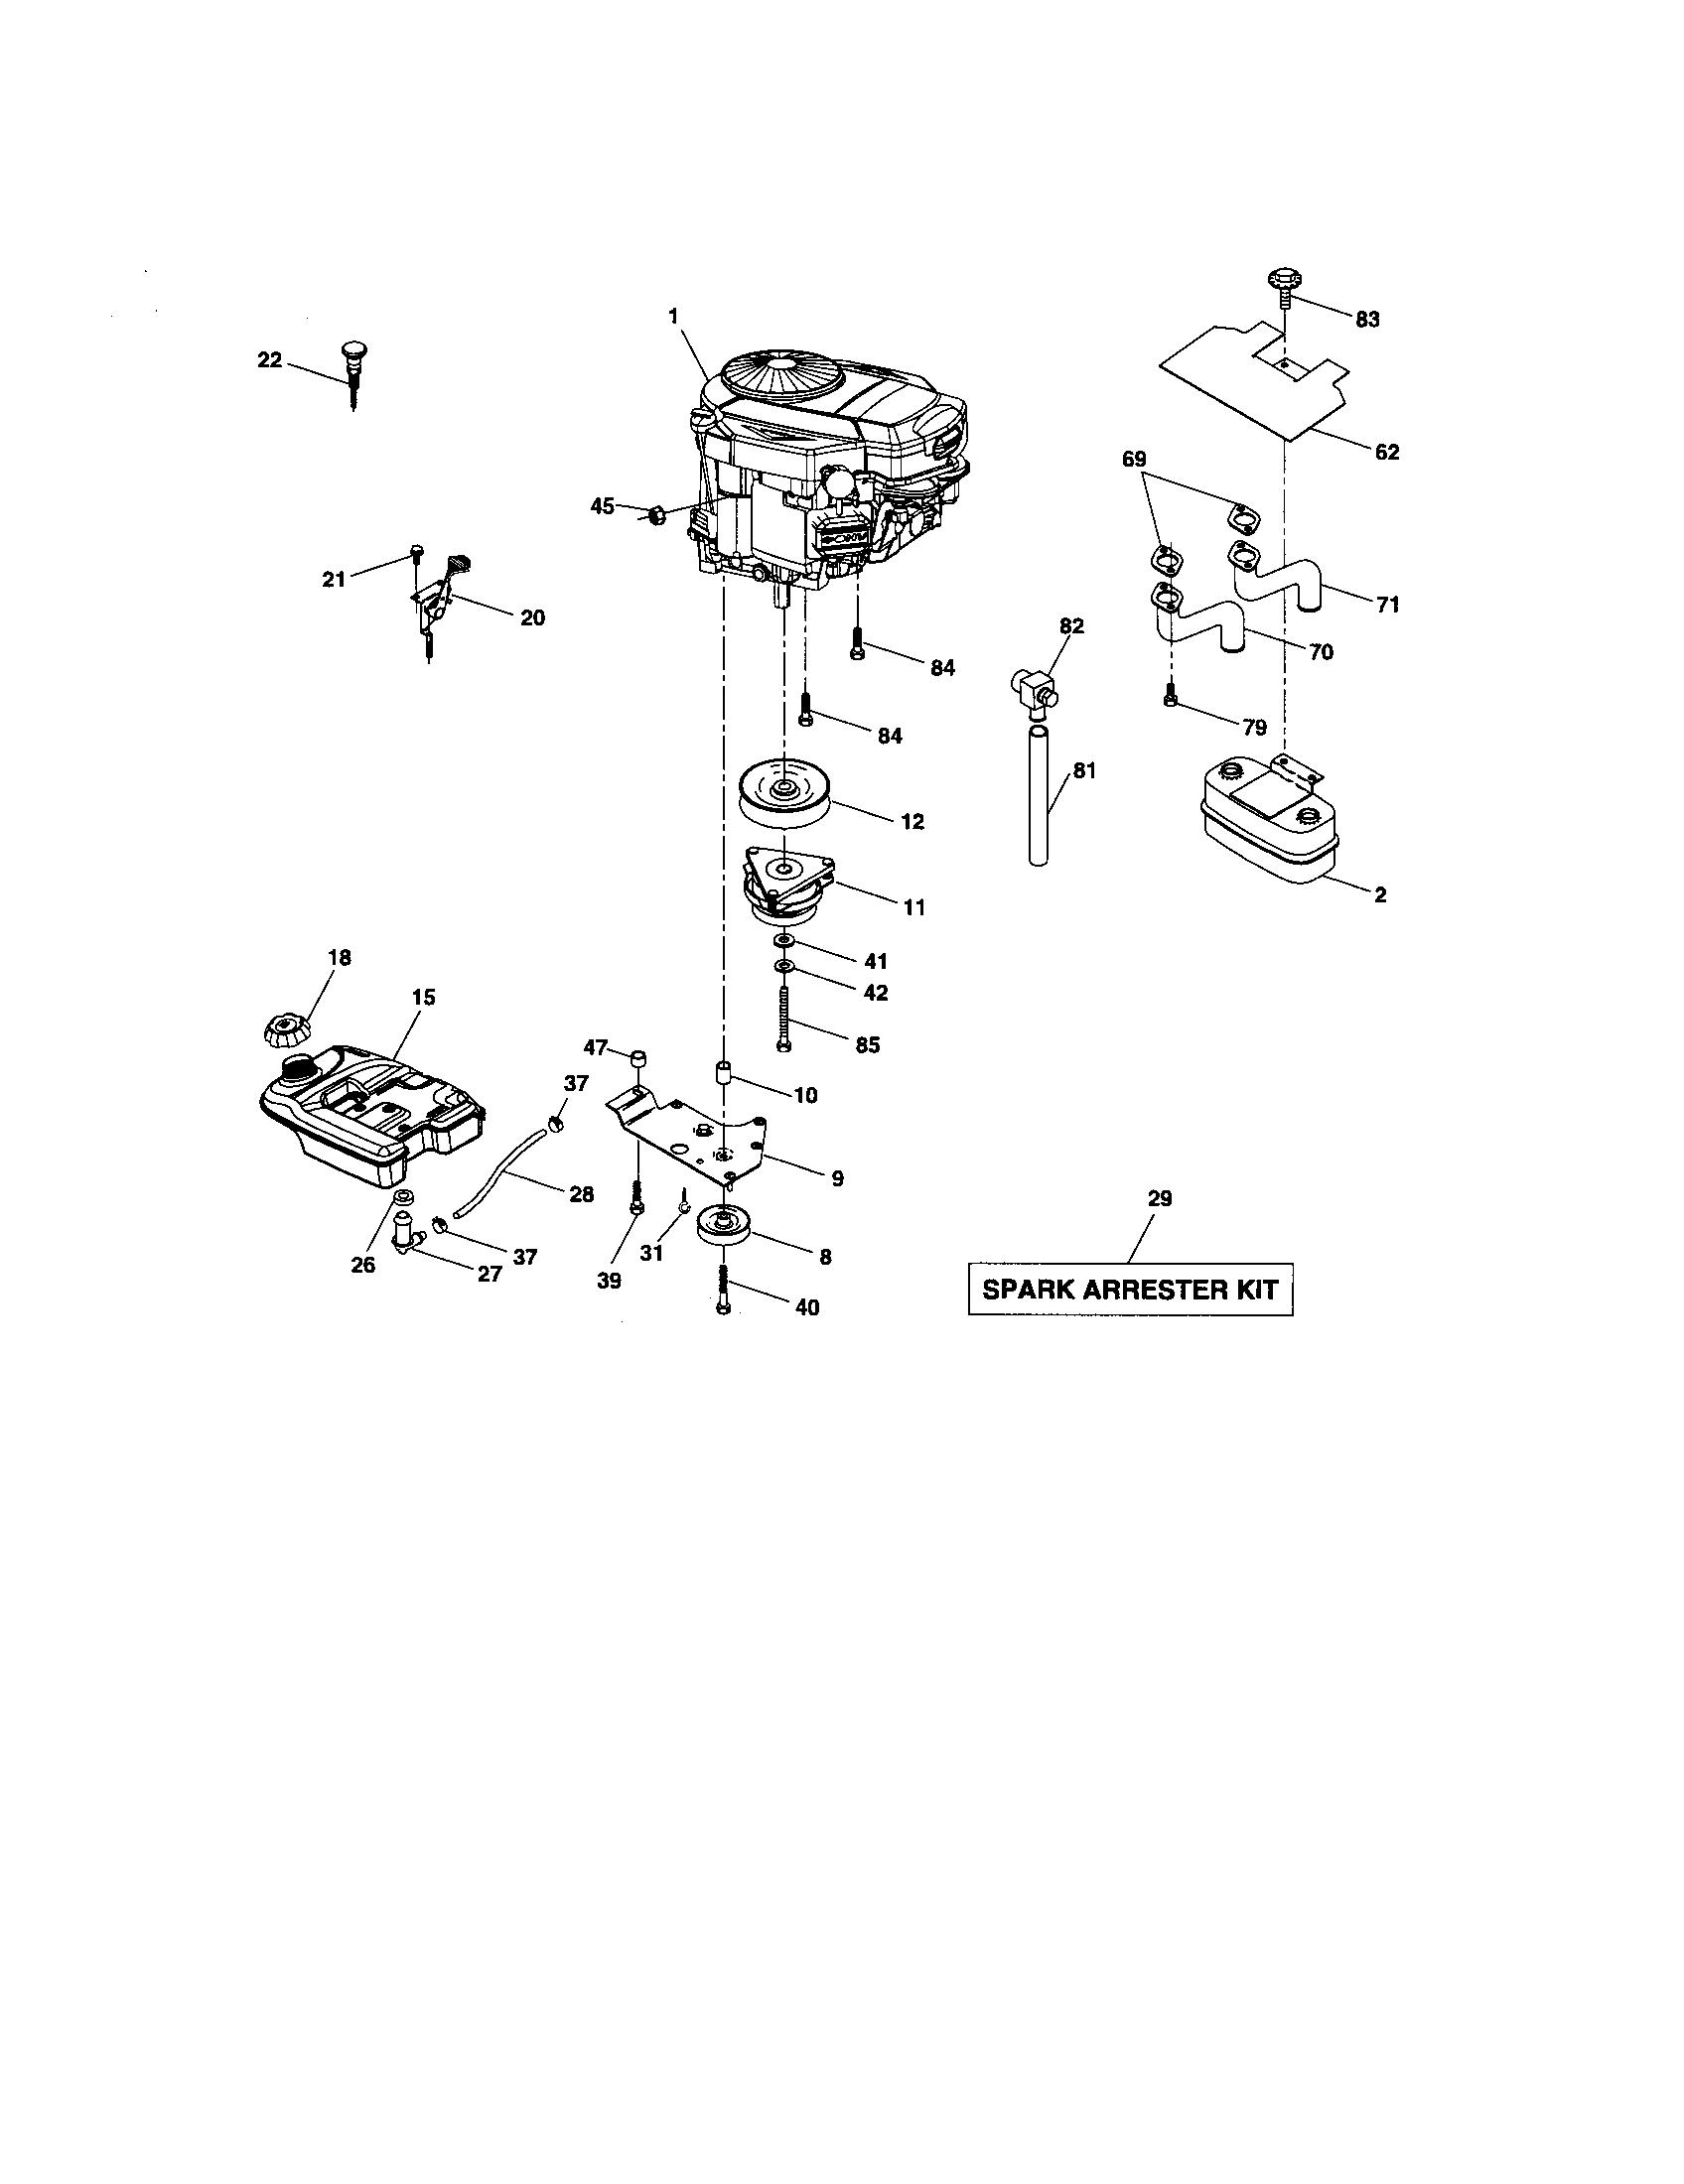 ENGINE Diagram & Parts List for Model 917276221 Craftsman